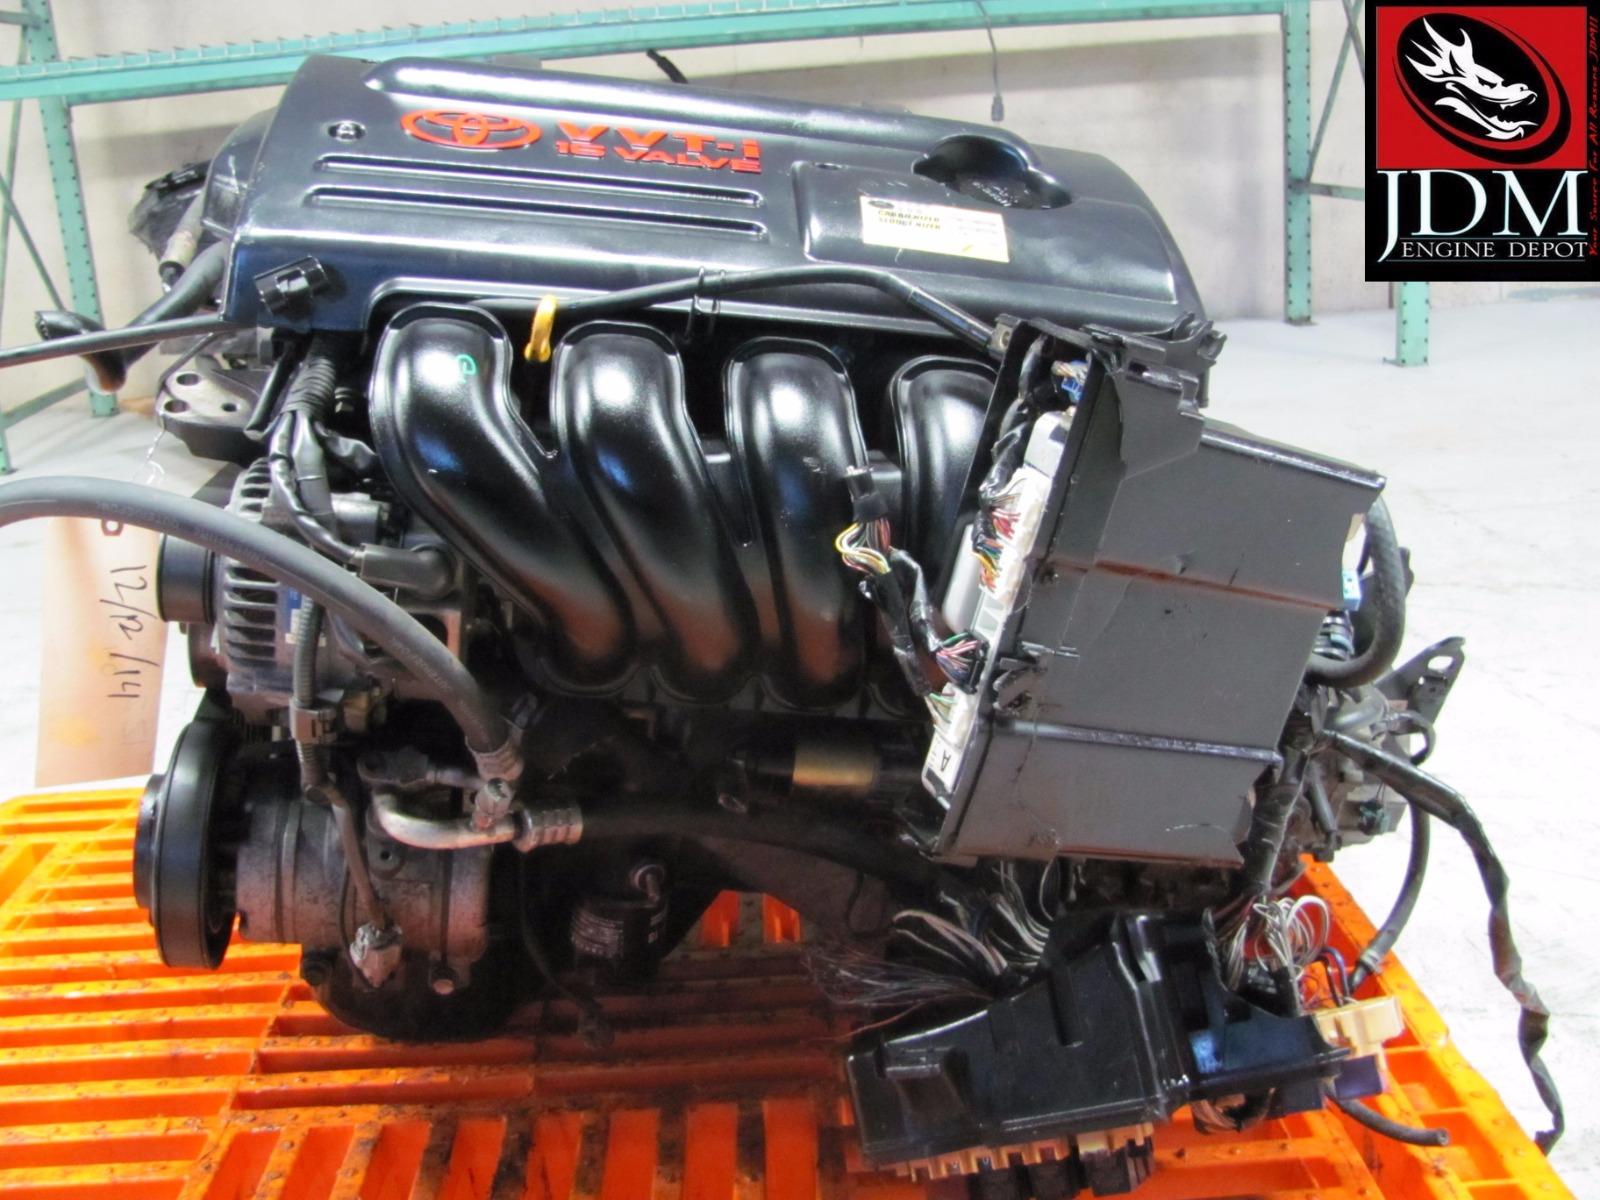 1 8 L Toyota Celica Engine – Idée d'image de voiture